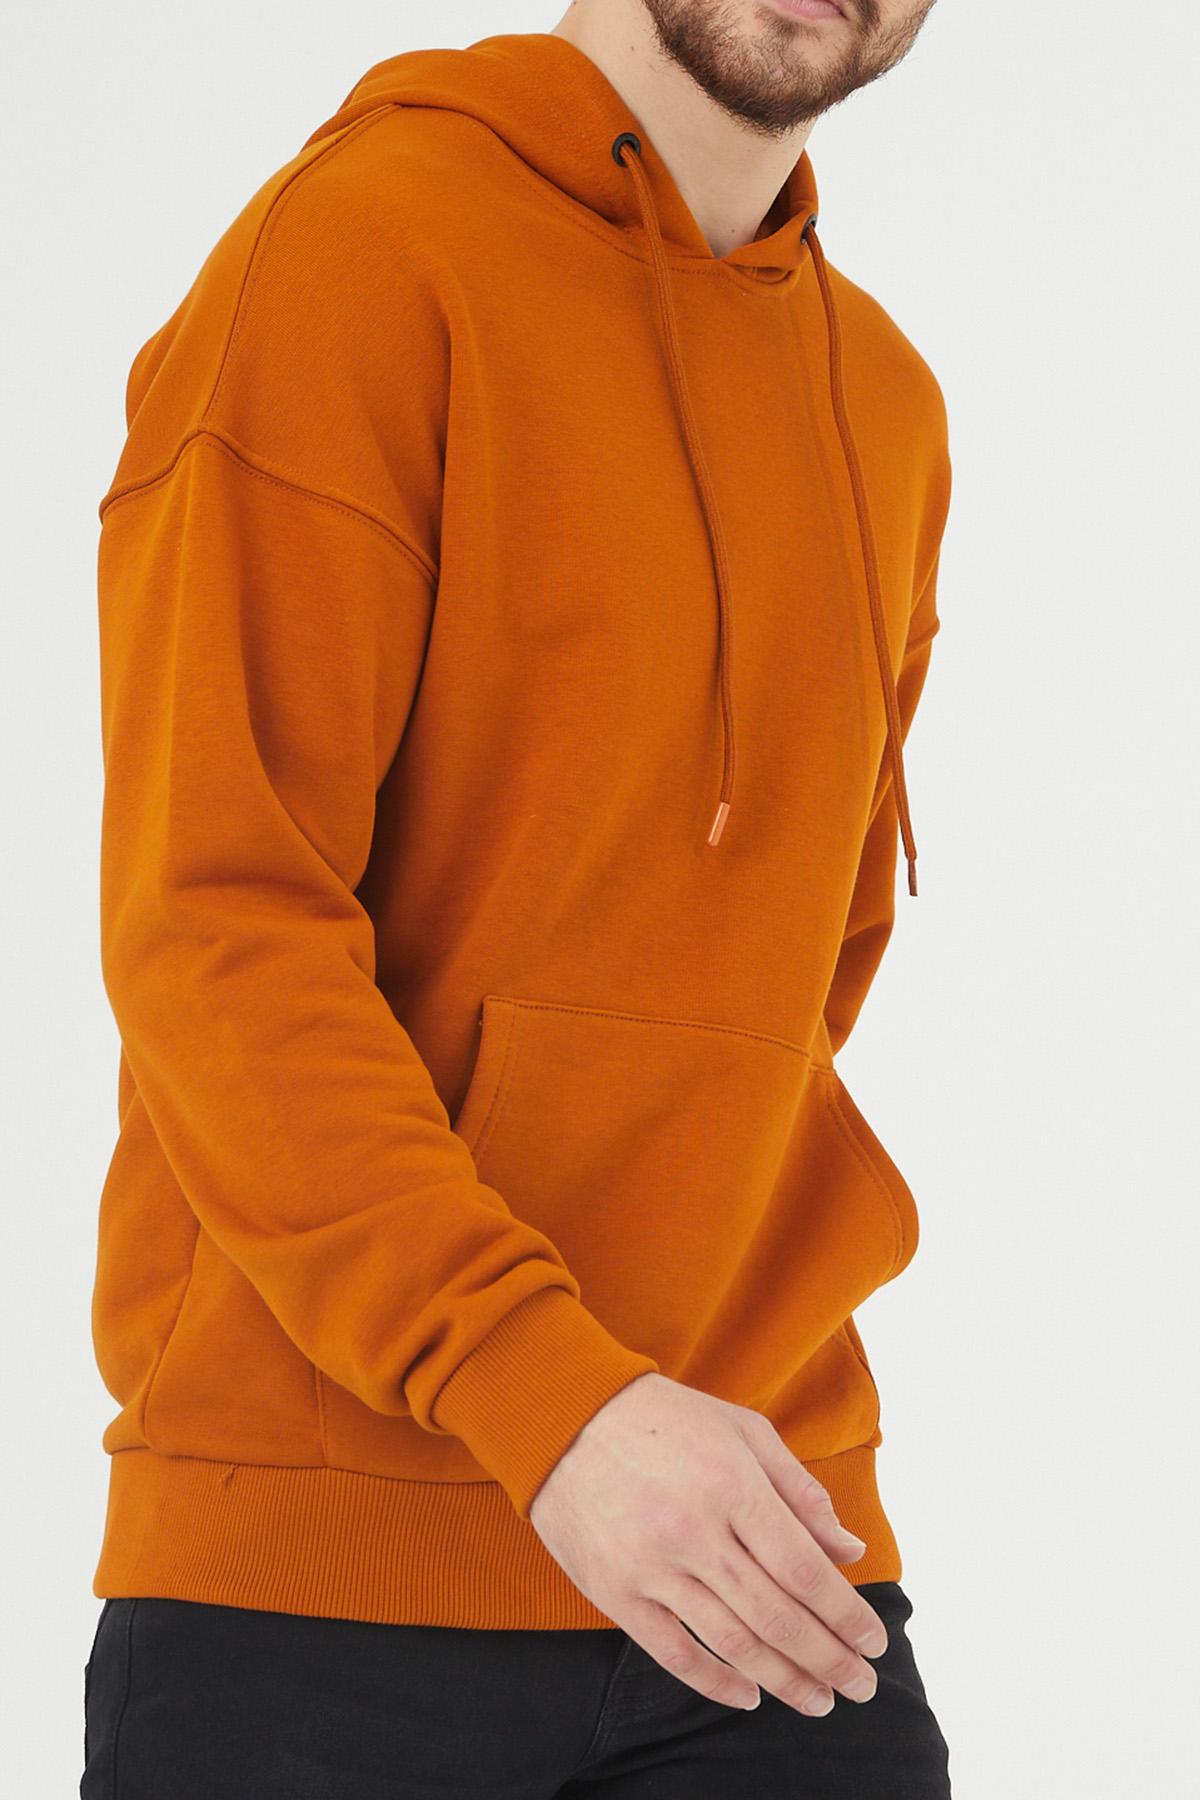 XHAN - Turuncu Kanguru Cepli Kapüşonlu Sweatshirt 1KXE8-44398-11